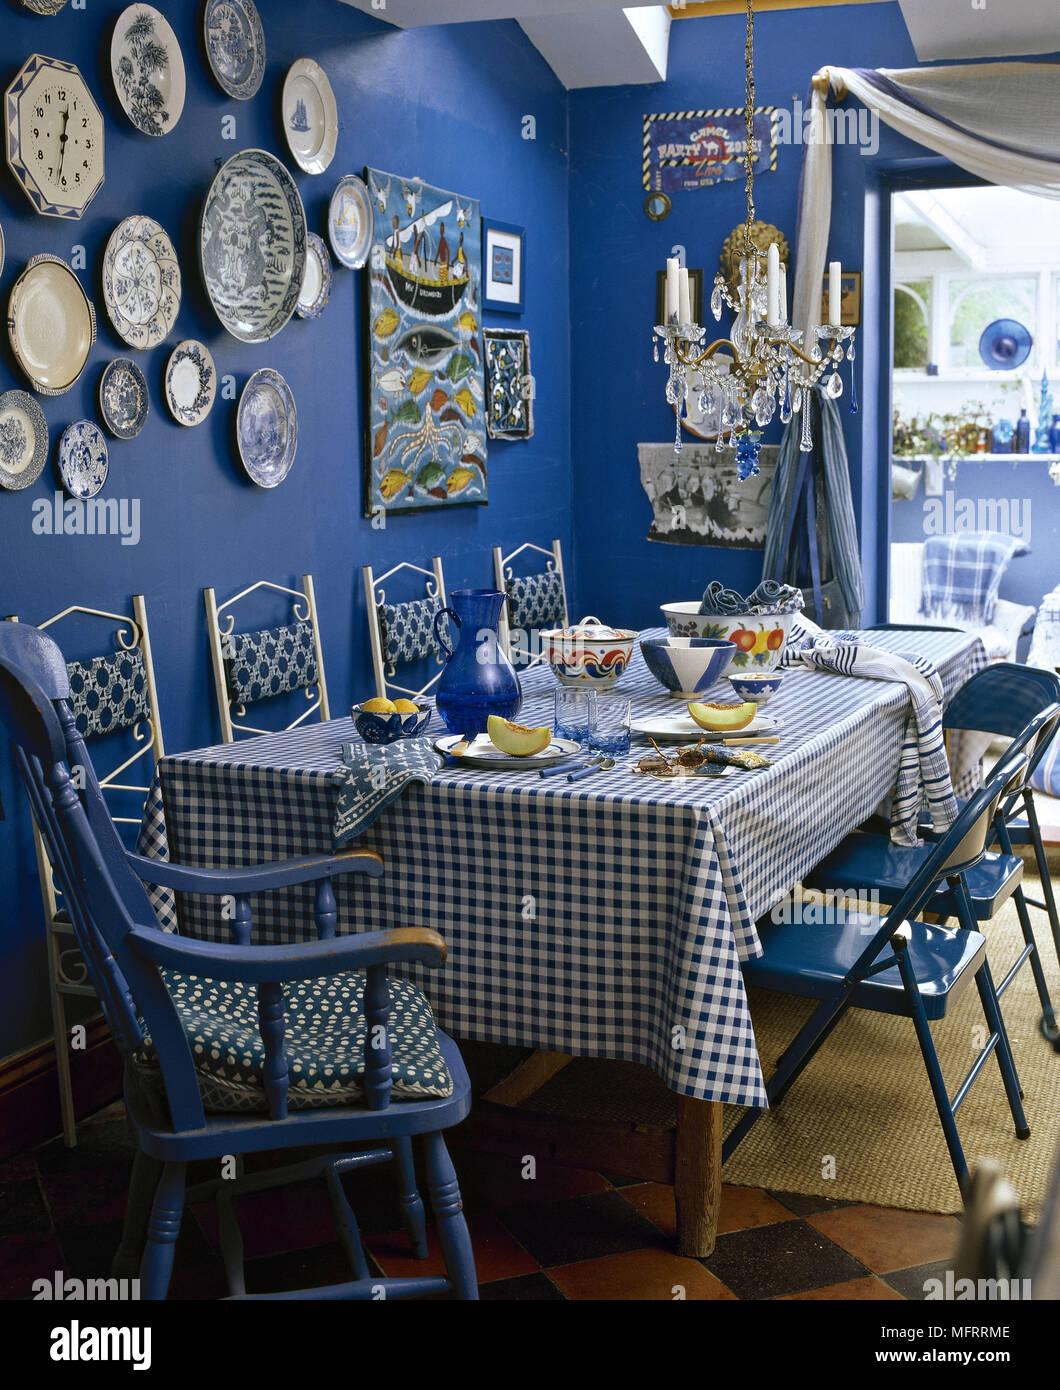 Un Moderne Bleu Table De Salle A Manger Et Chaises Tissu Motif De